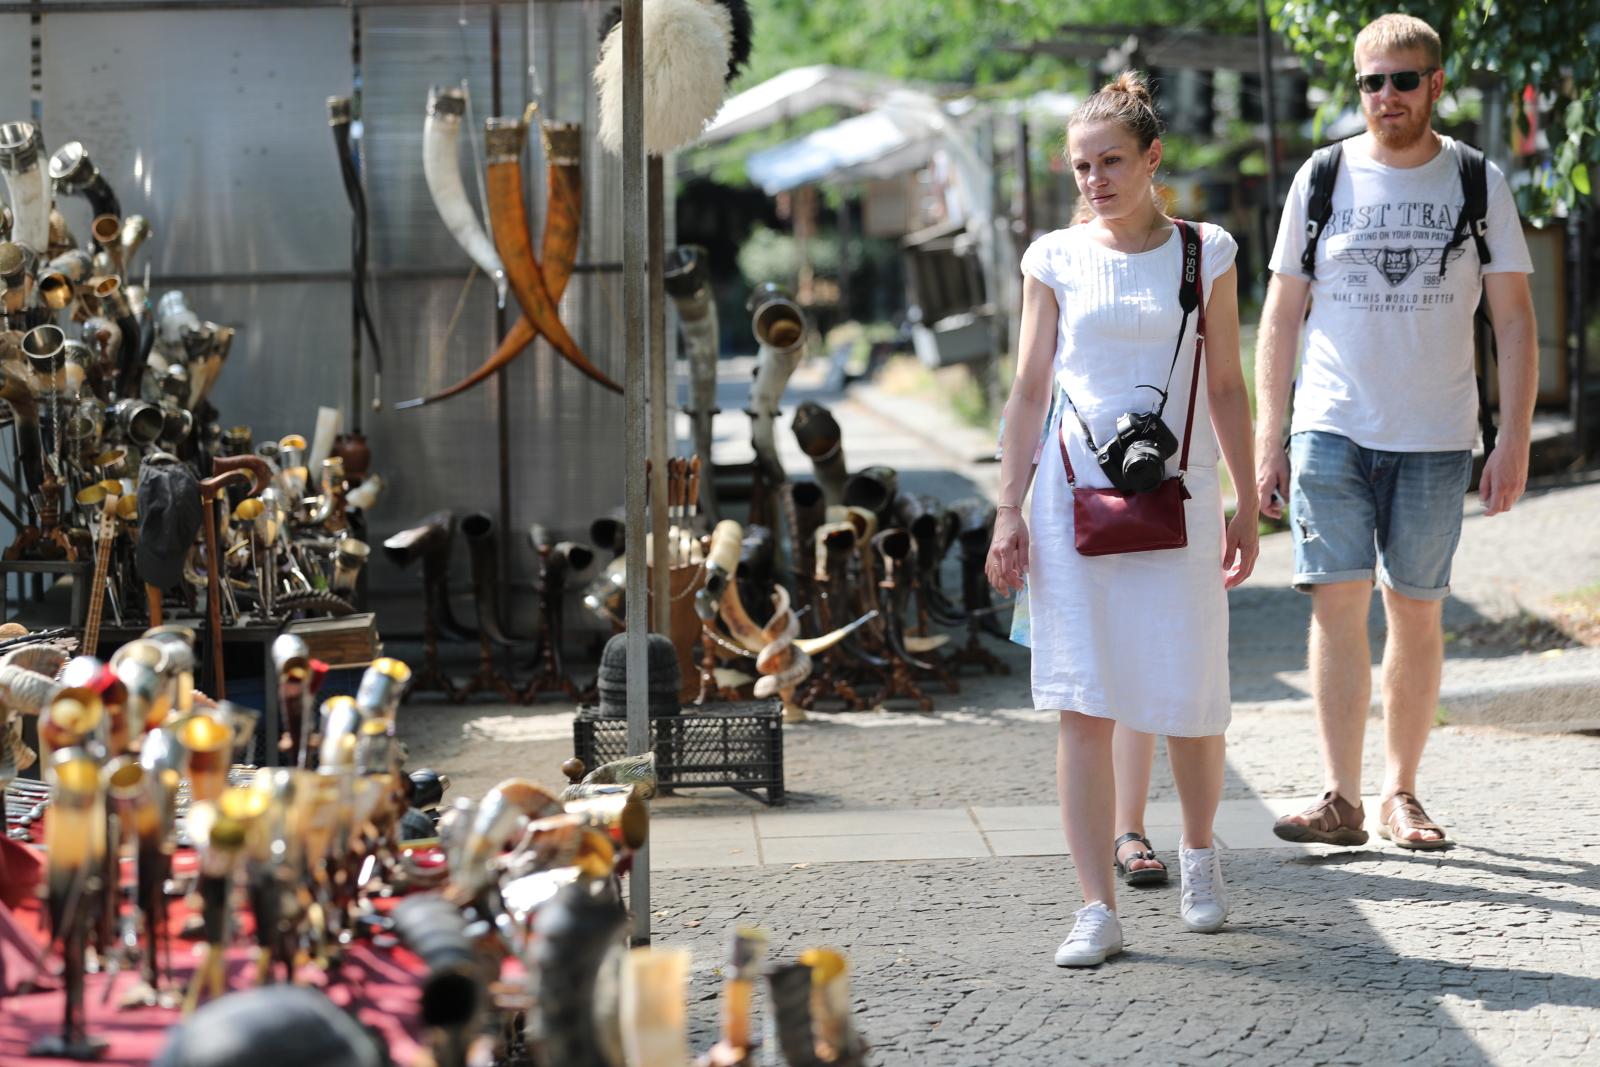 Turyści w Tbilisi, Gruzja. Fot. PAP/EPA/ZURAB KURTSIKIDZE